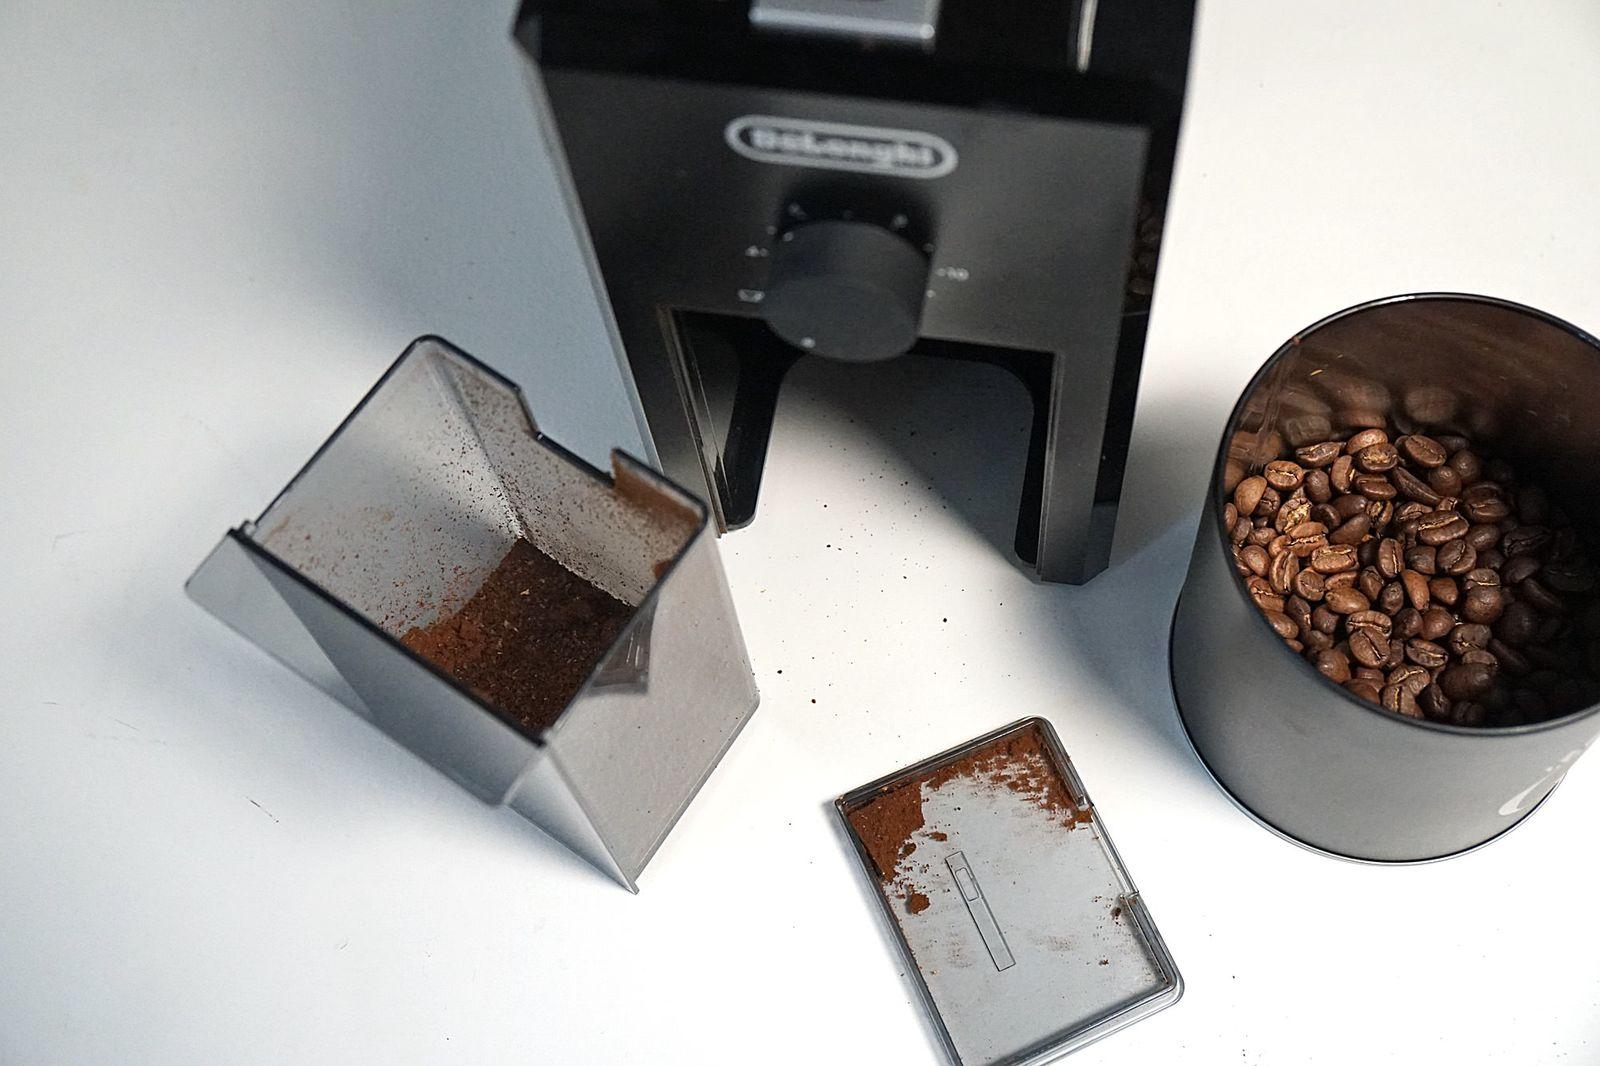 Kaffee-Gadgets